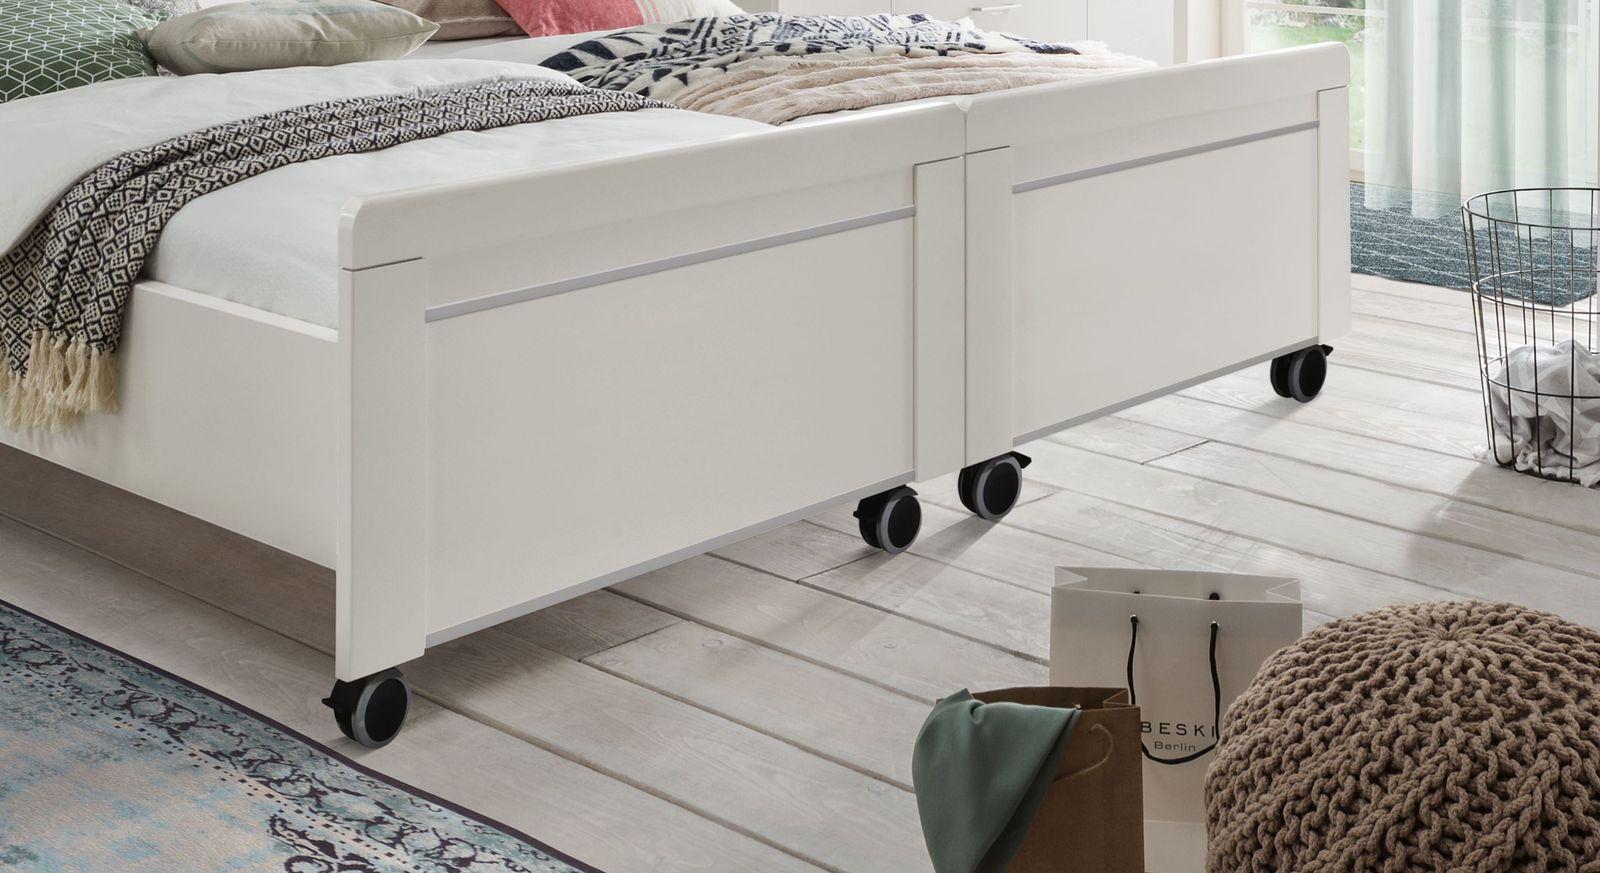 Senioren-Doppelbett Calimera mit modernen Zierleisten